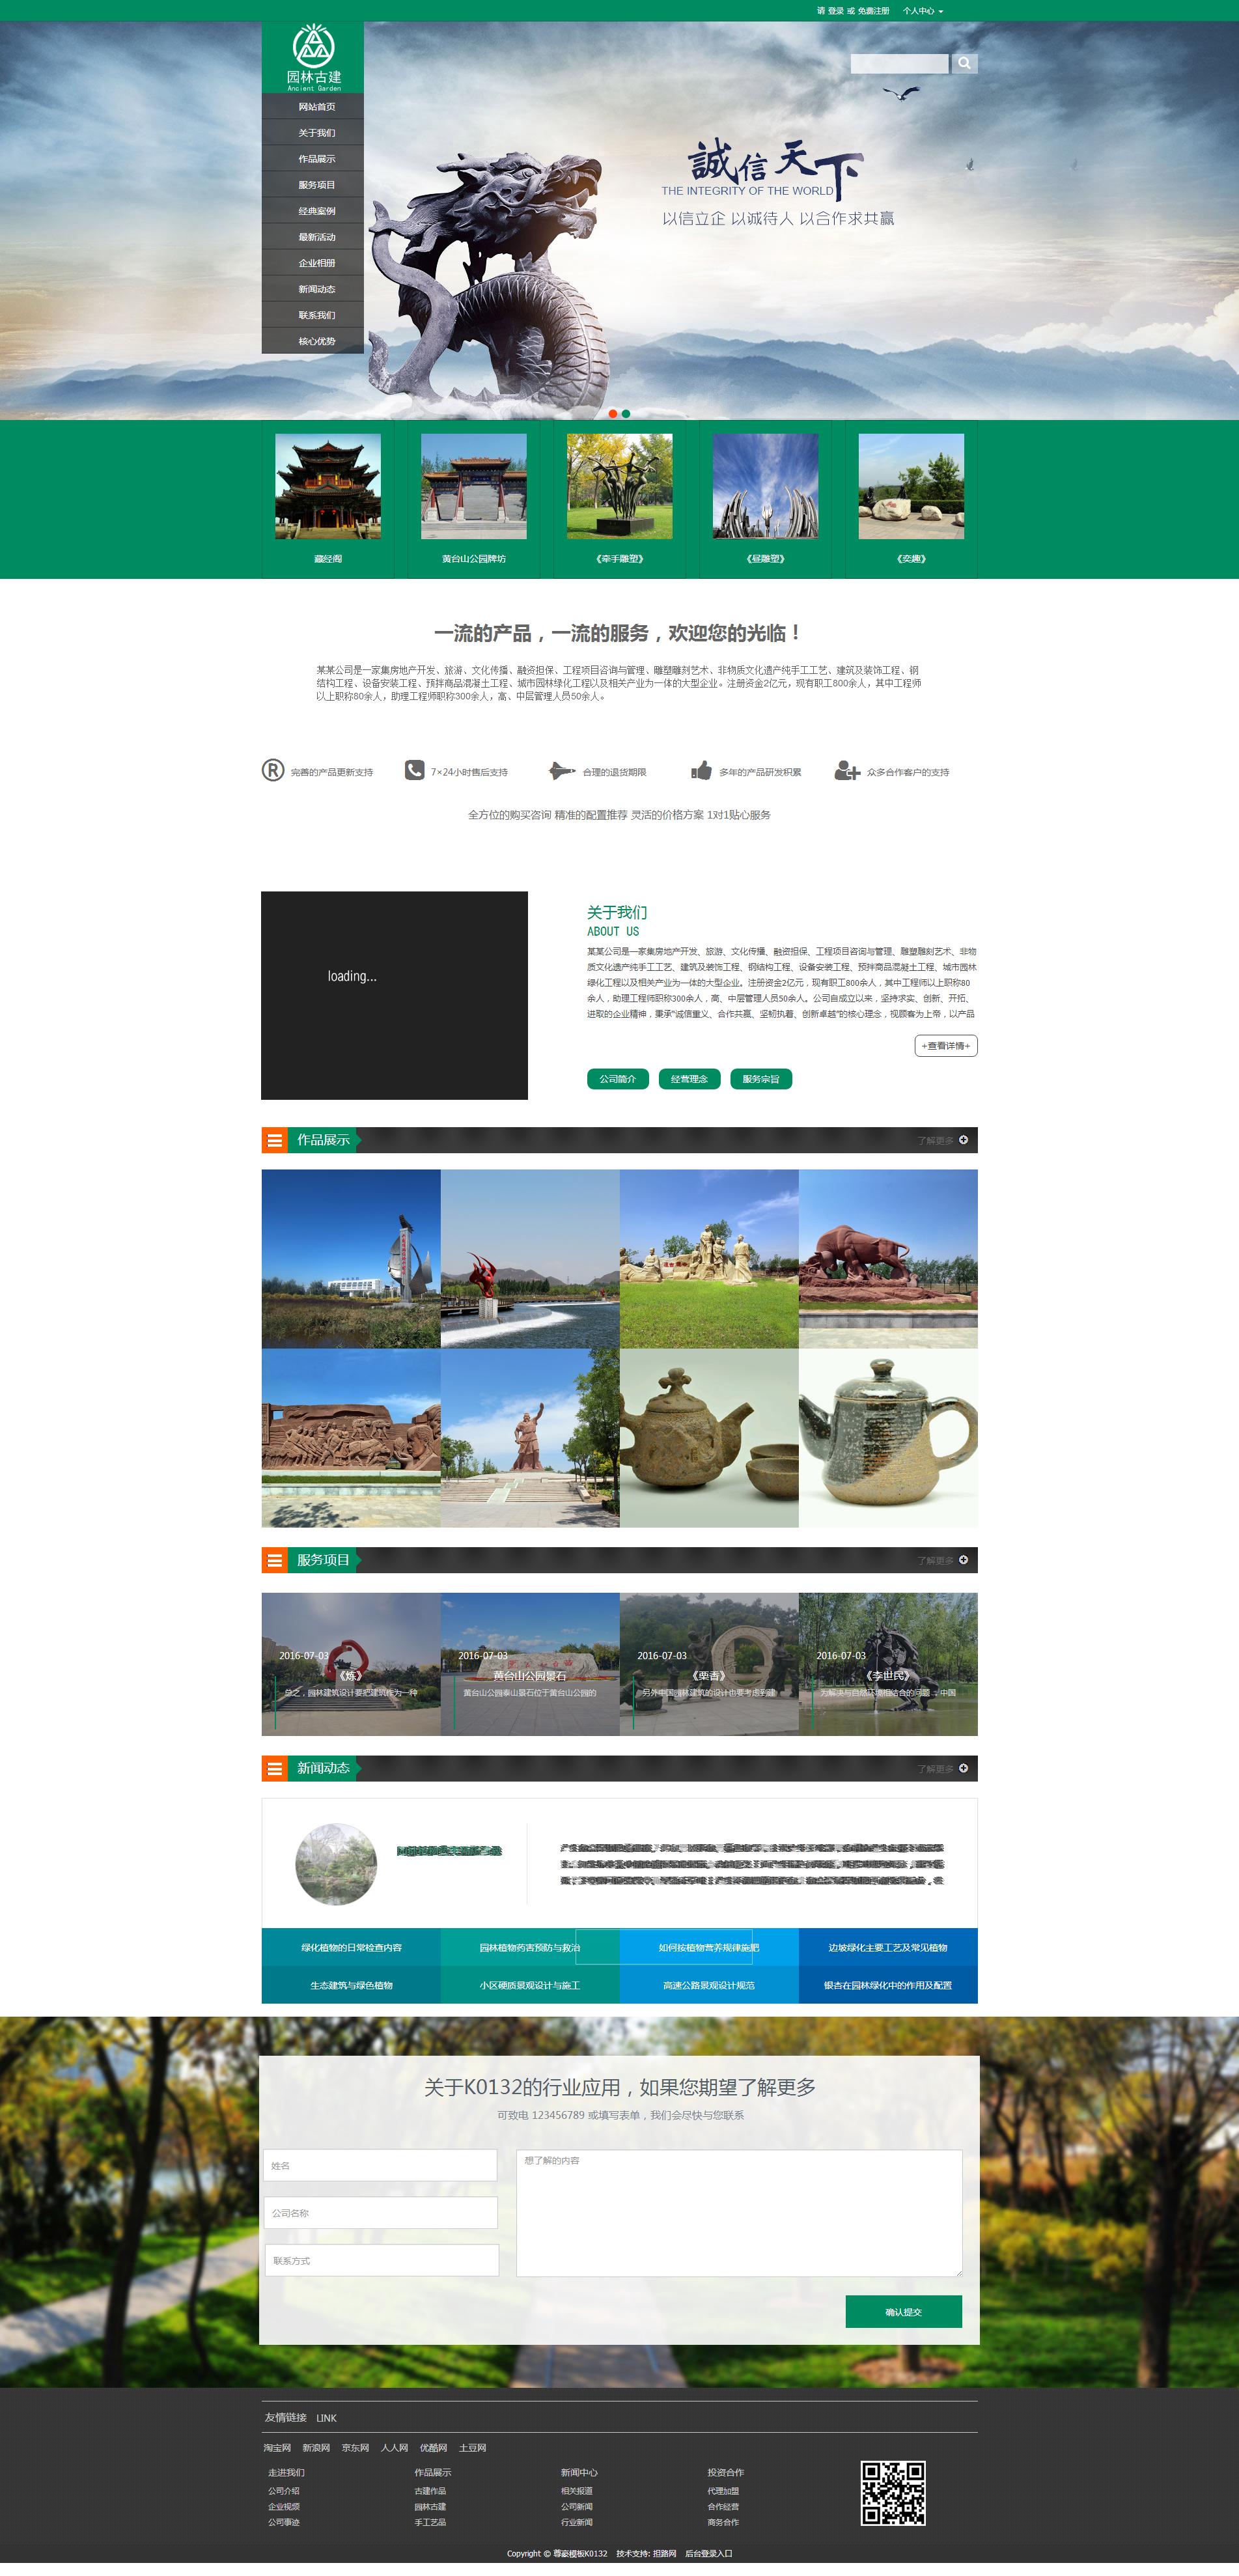 尊豪模板K0132 - 电子机械行业网站模版 部门网站建设 单位行业类网站模版.png